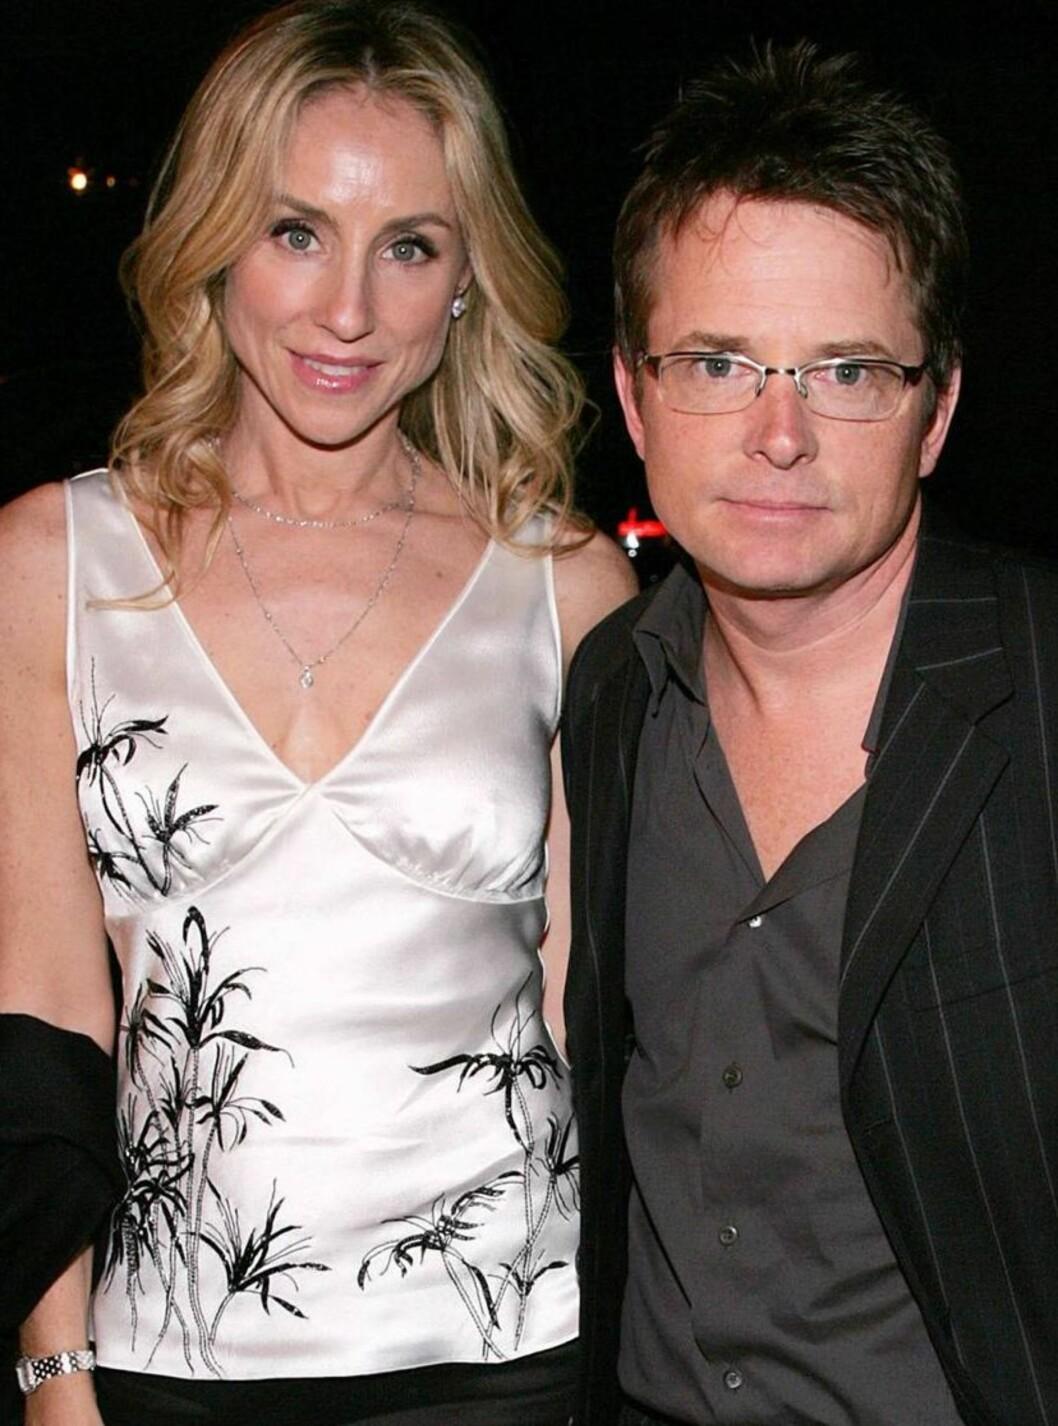 GOD STØTTE: Michael og kona Tracy Pollan giftet seg i 1988 og har fire barn sammen. Foto: All Over Press